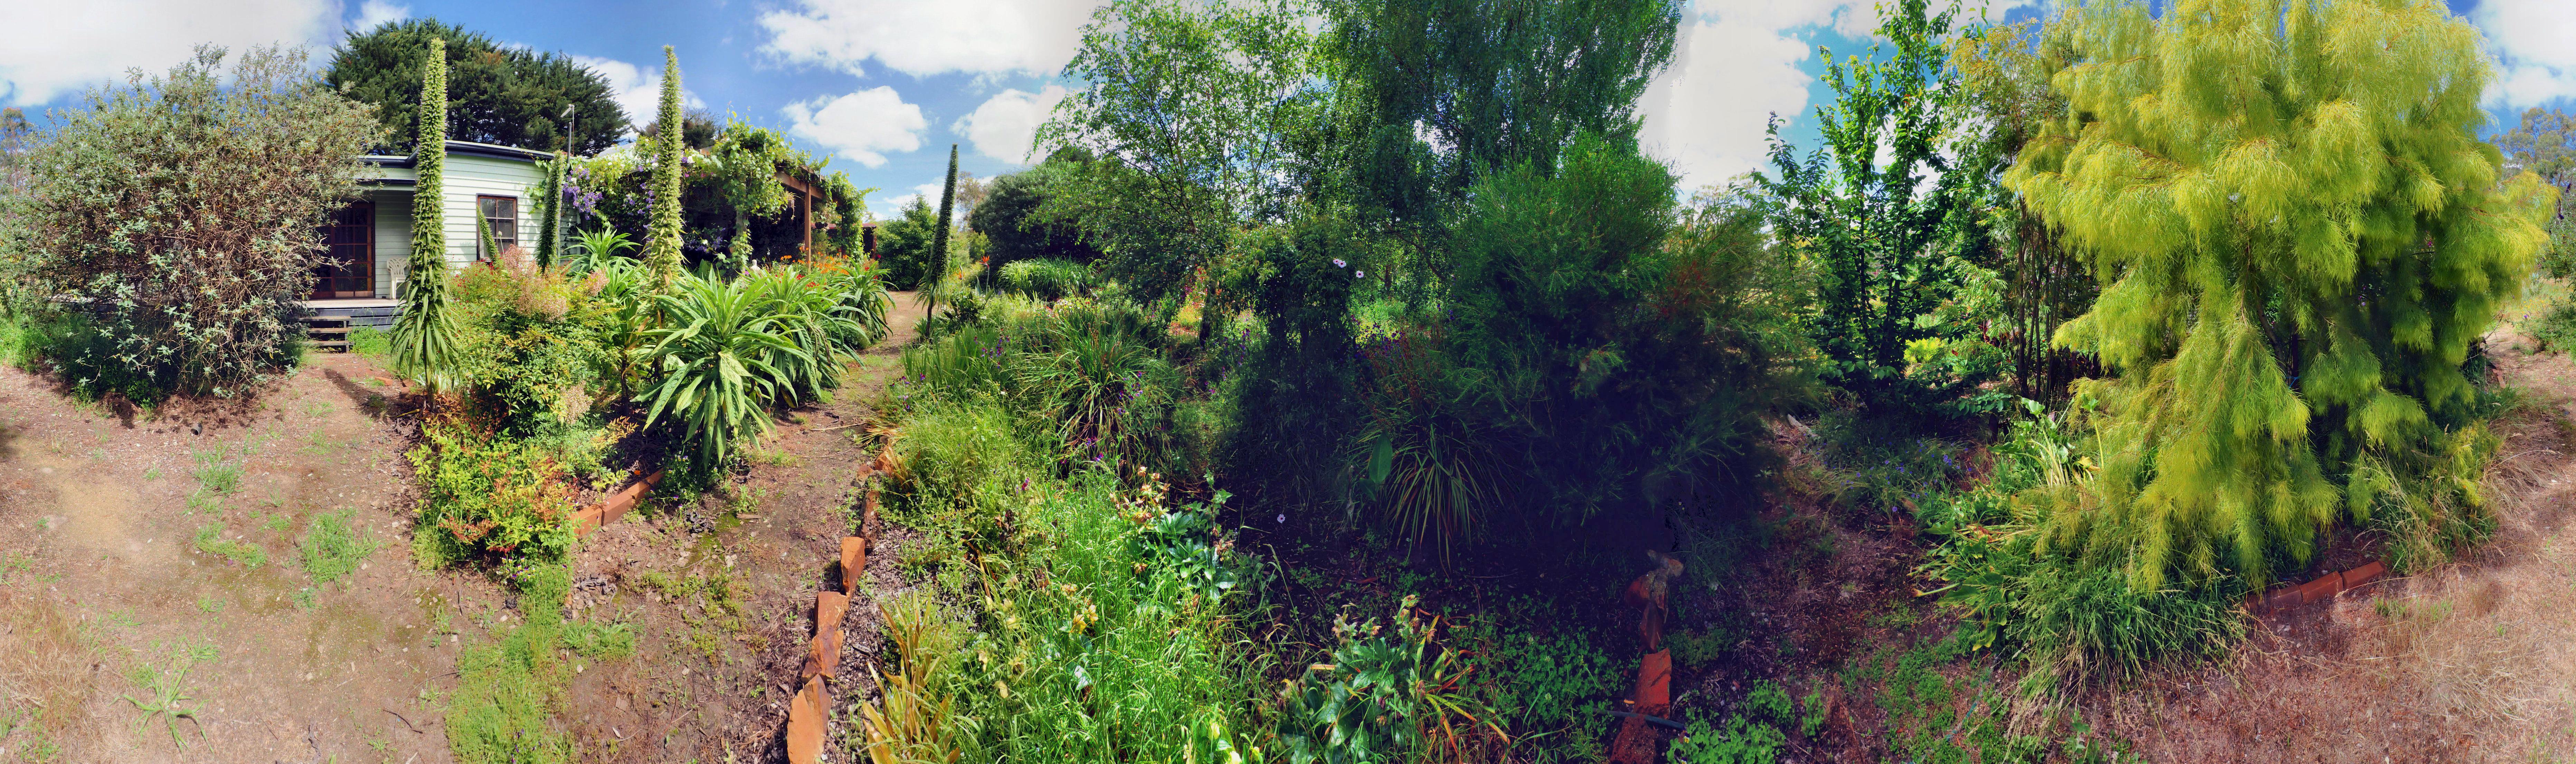 garden-path-se-HDR2.jpeg